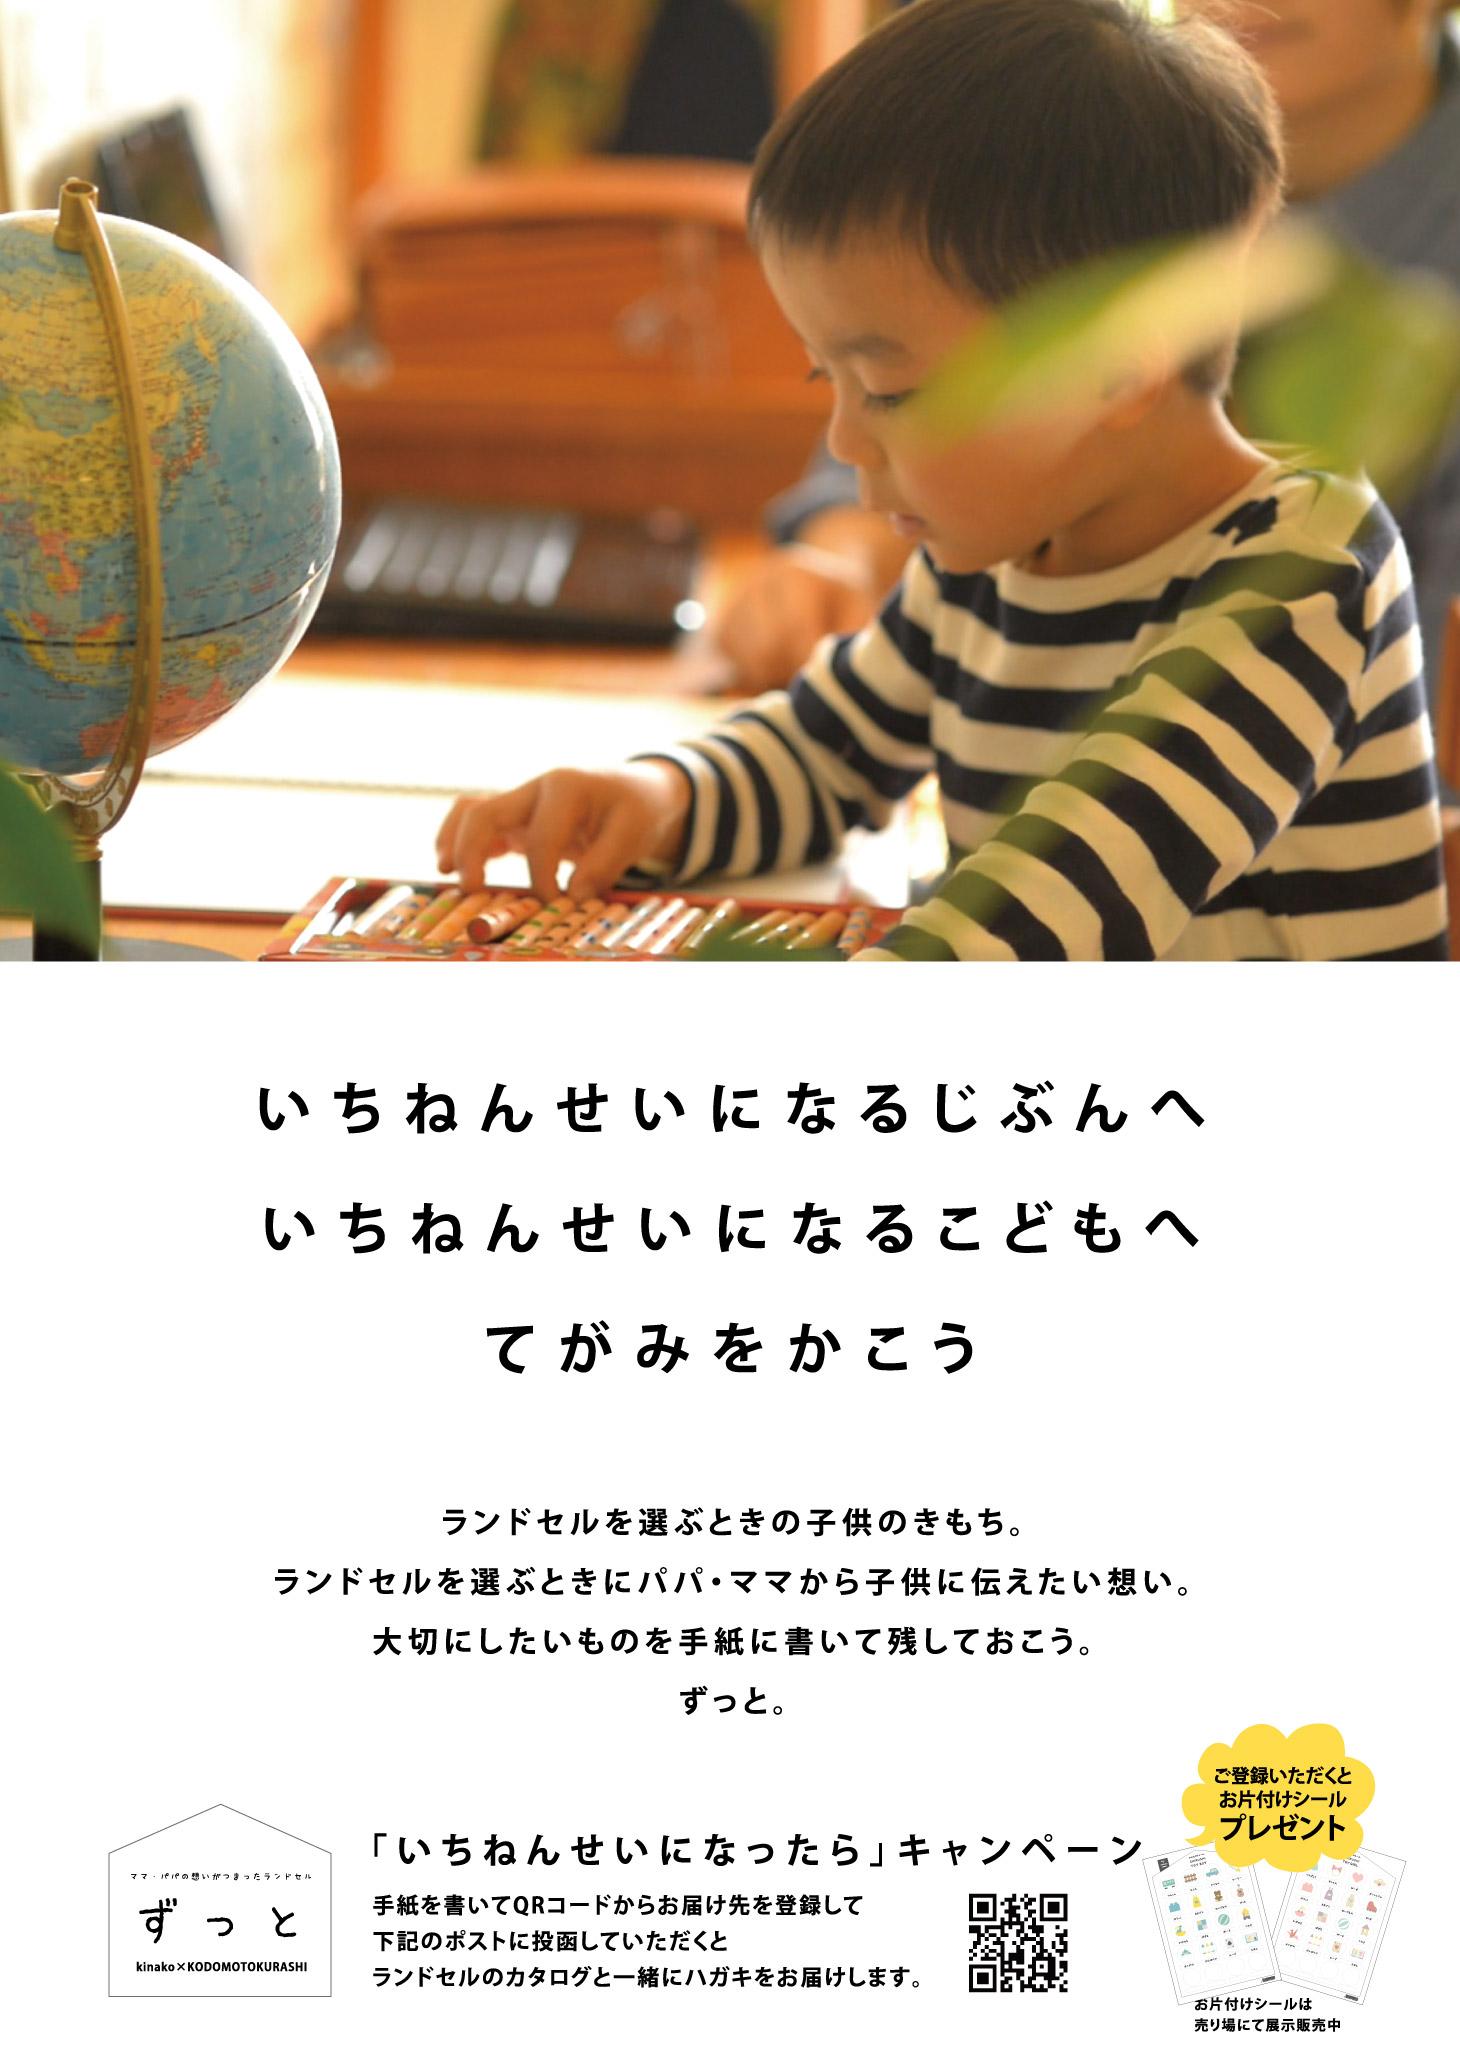 伊勢丹浦和店でこどもと暮らしランドセルお披露目会